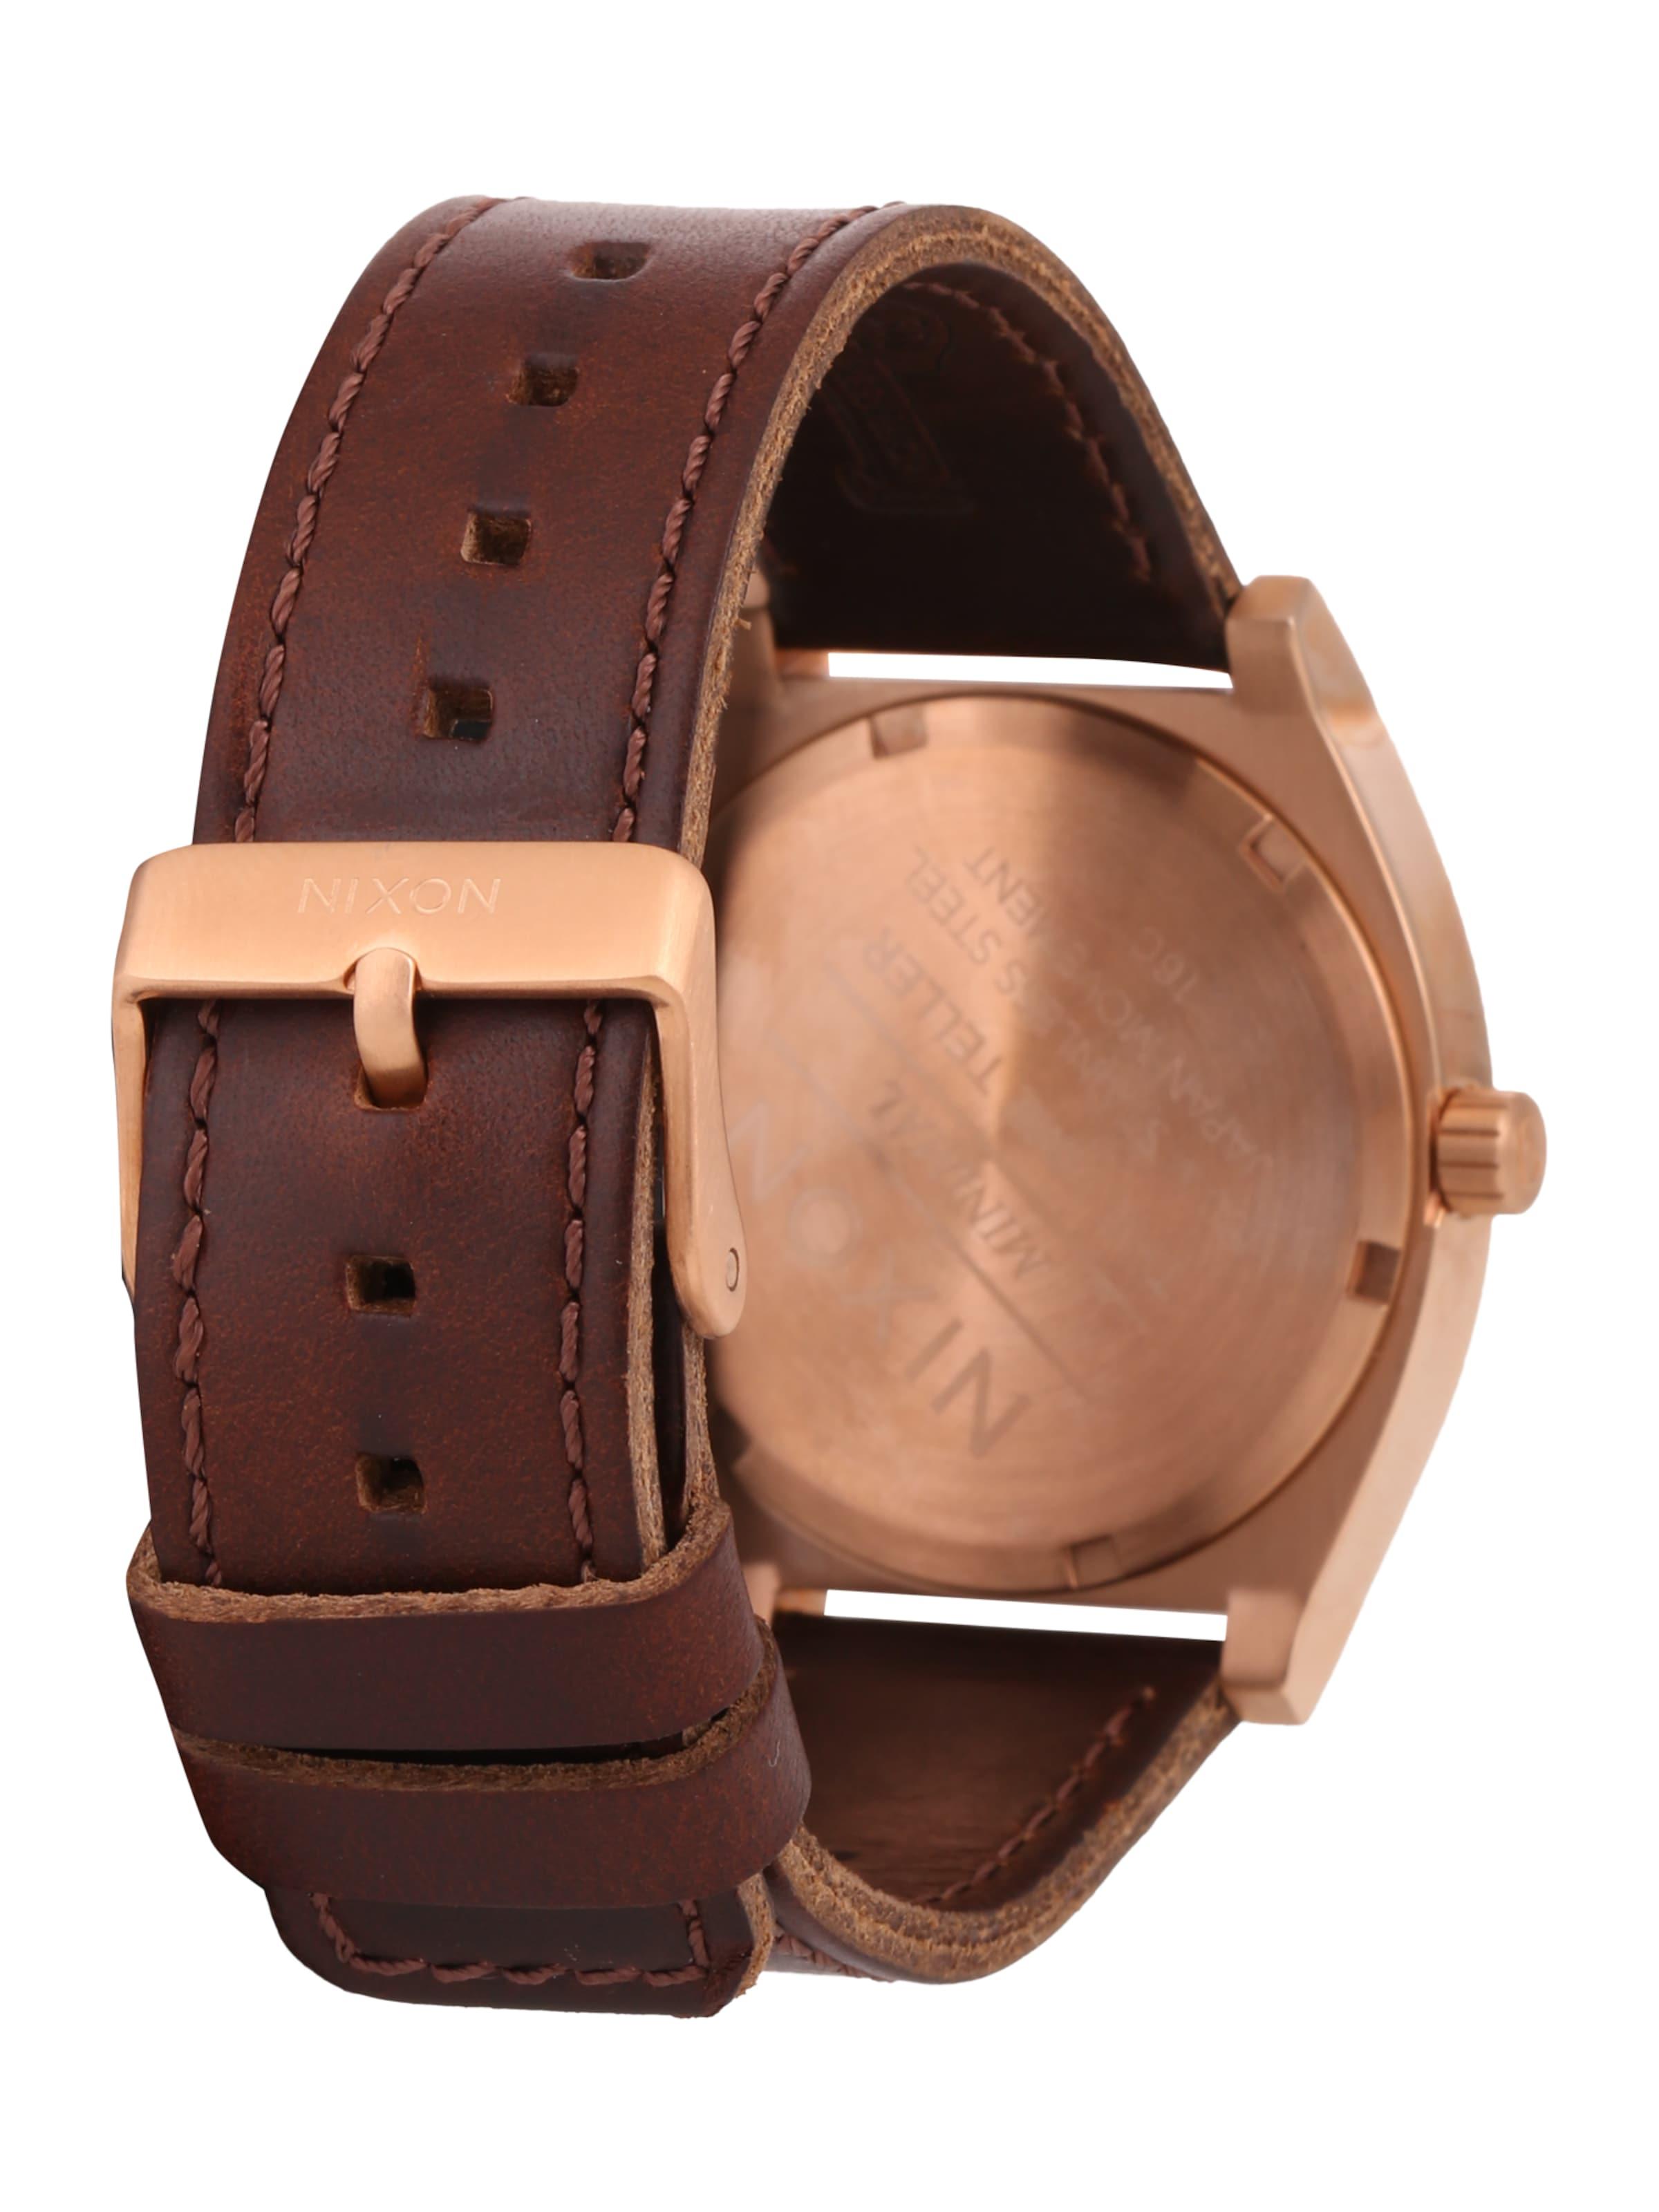 Nixon Armbanduhr 'Time Teller' (Gehäuse: 31mm) Günstig Online Kaufen iWfzjeNrF